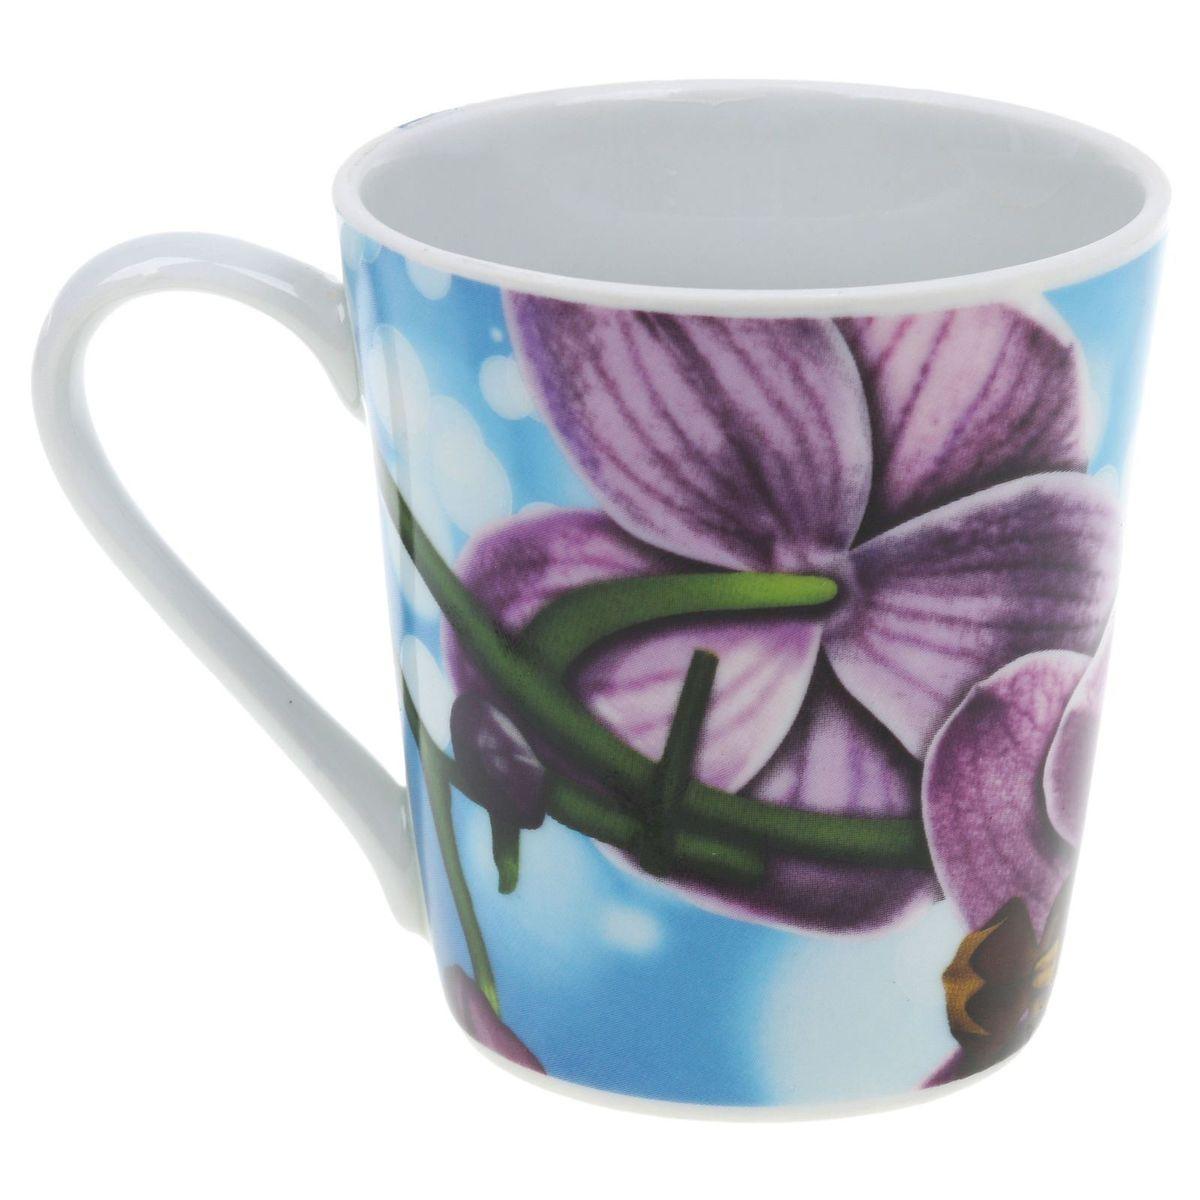 Кружка Классик. Орхидея, цвет: голубой, 300 мл1333019